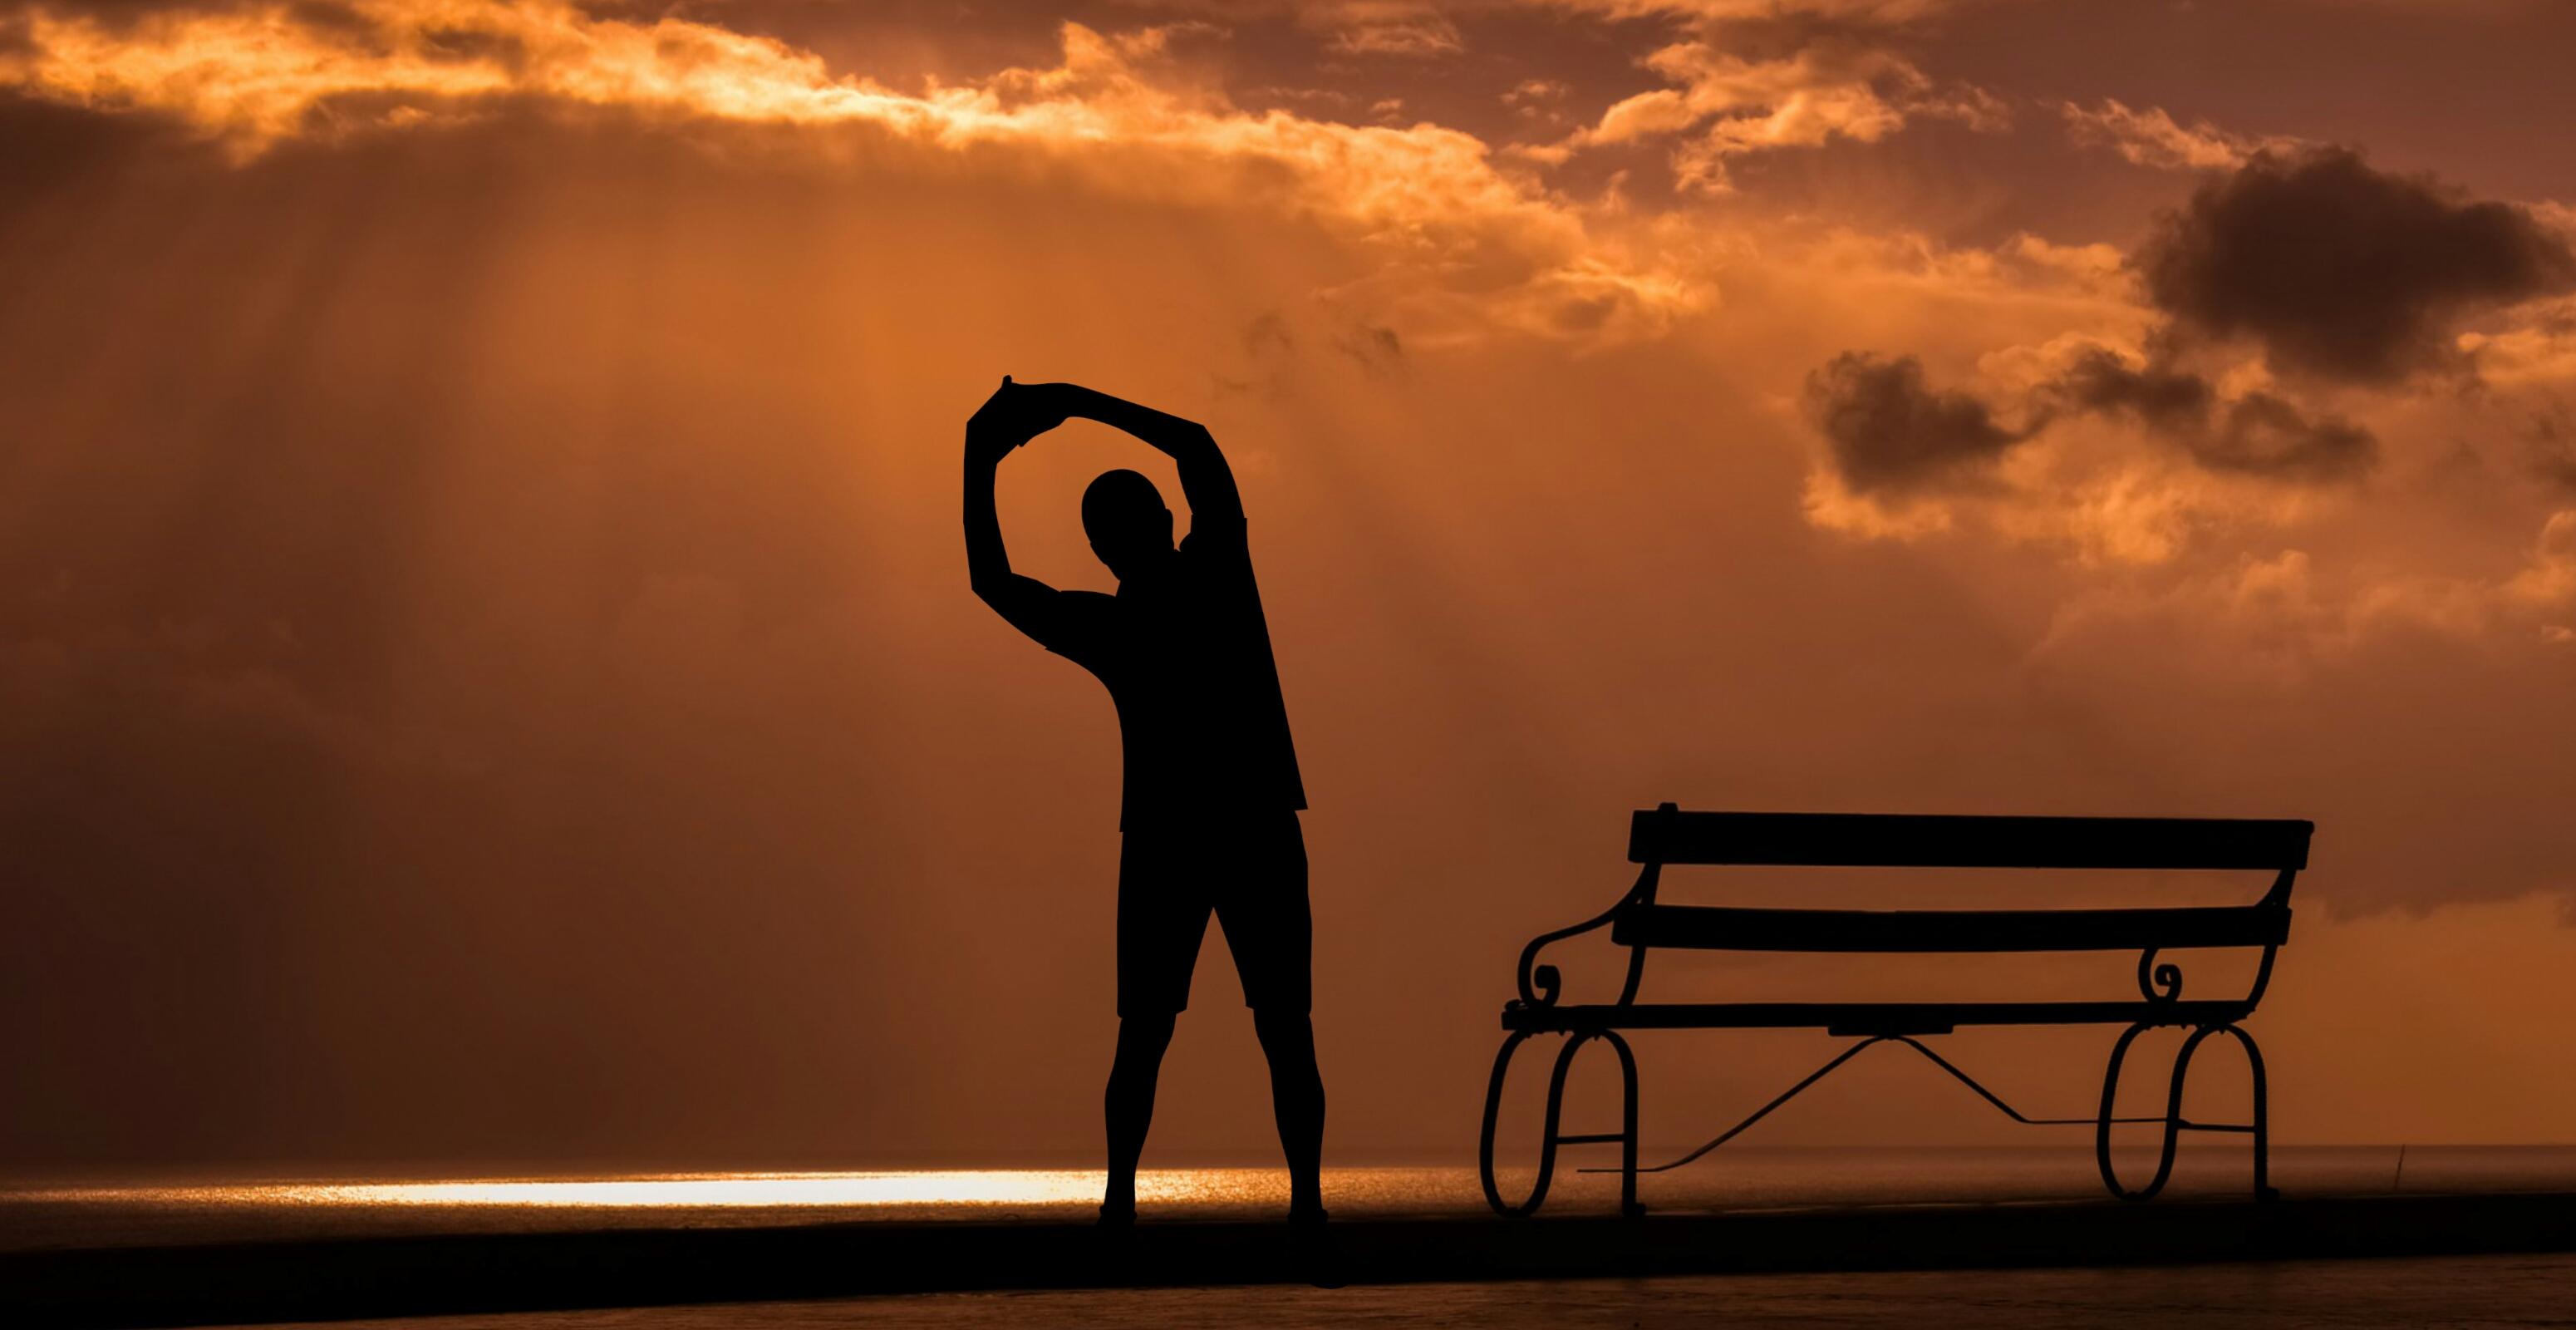 Download Kumpulan Koleksi Background Putih Sunset Gratis Terbaru